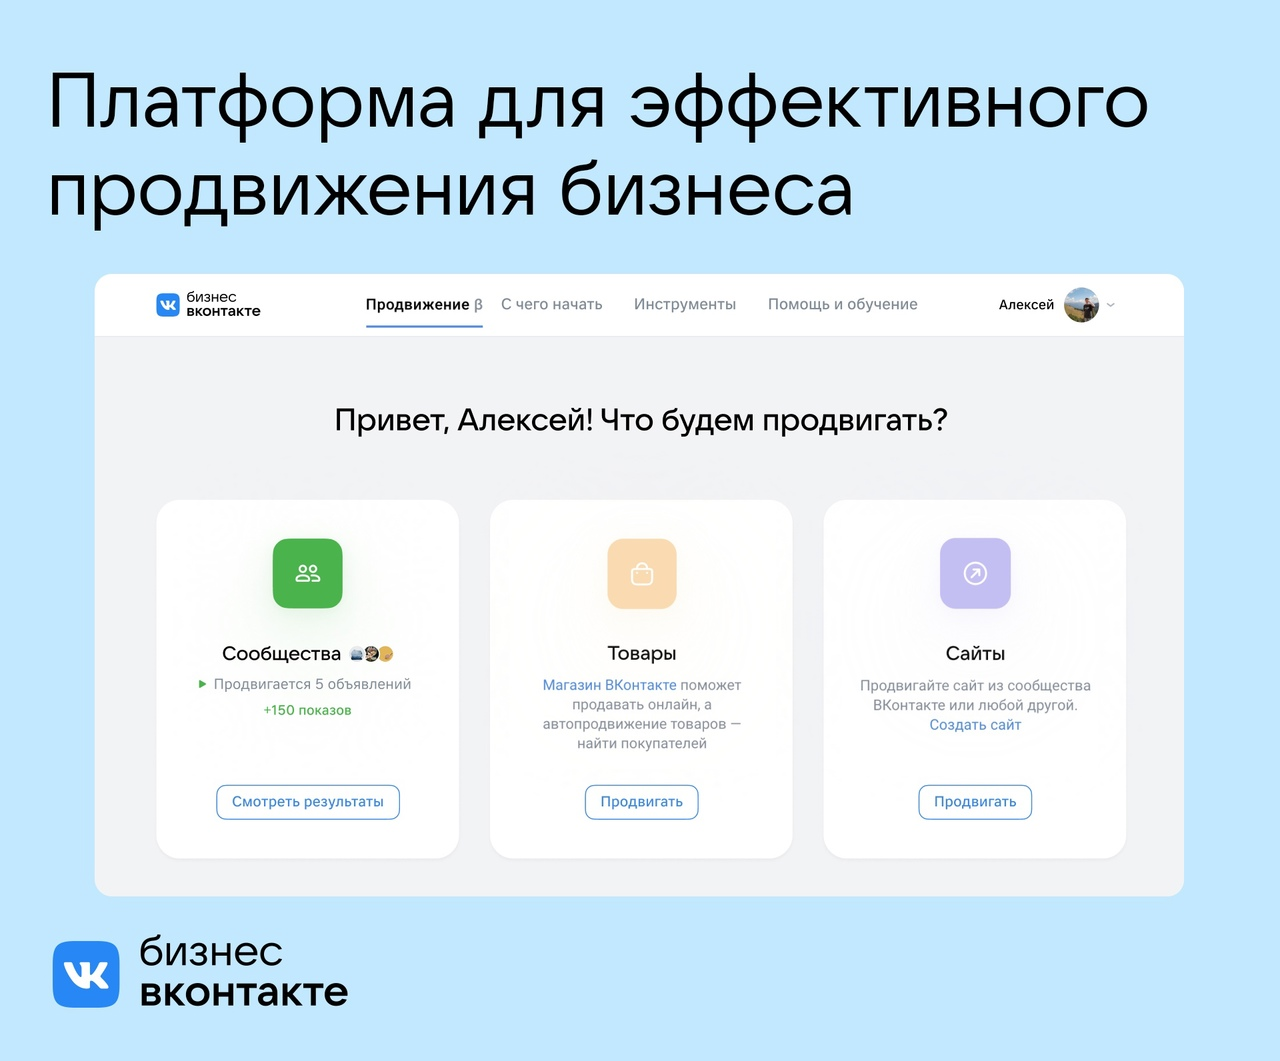 Платформа «Бизнес ВКонтакте» получила масштабное обновление